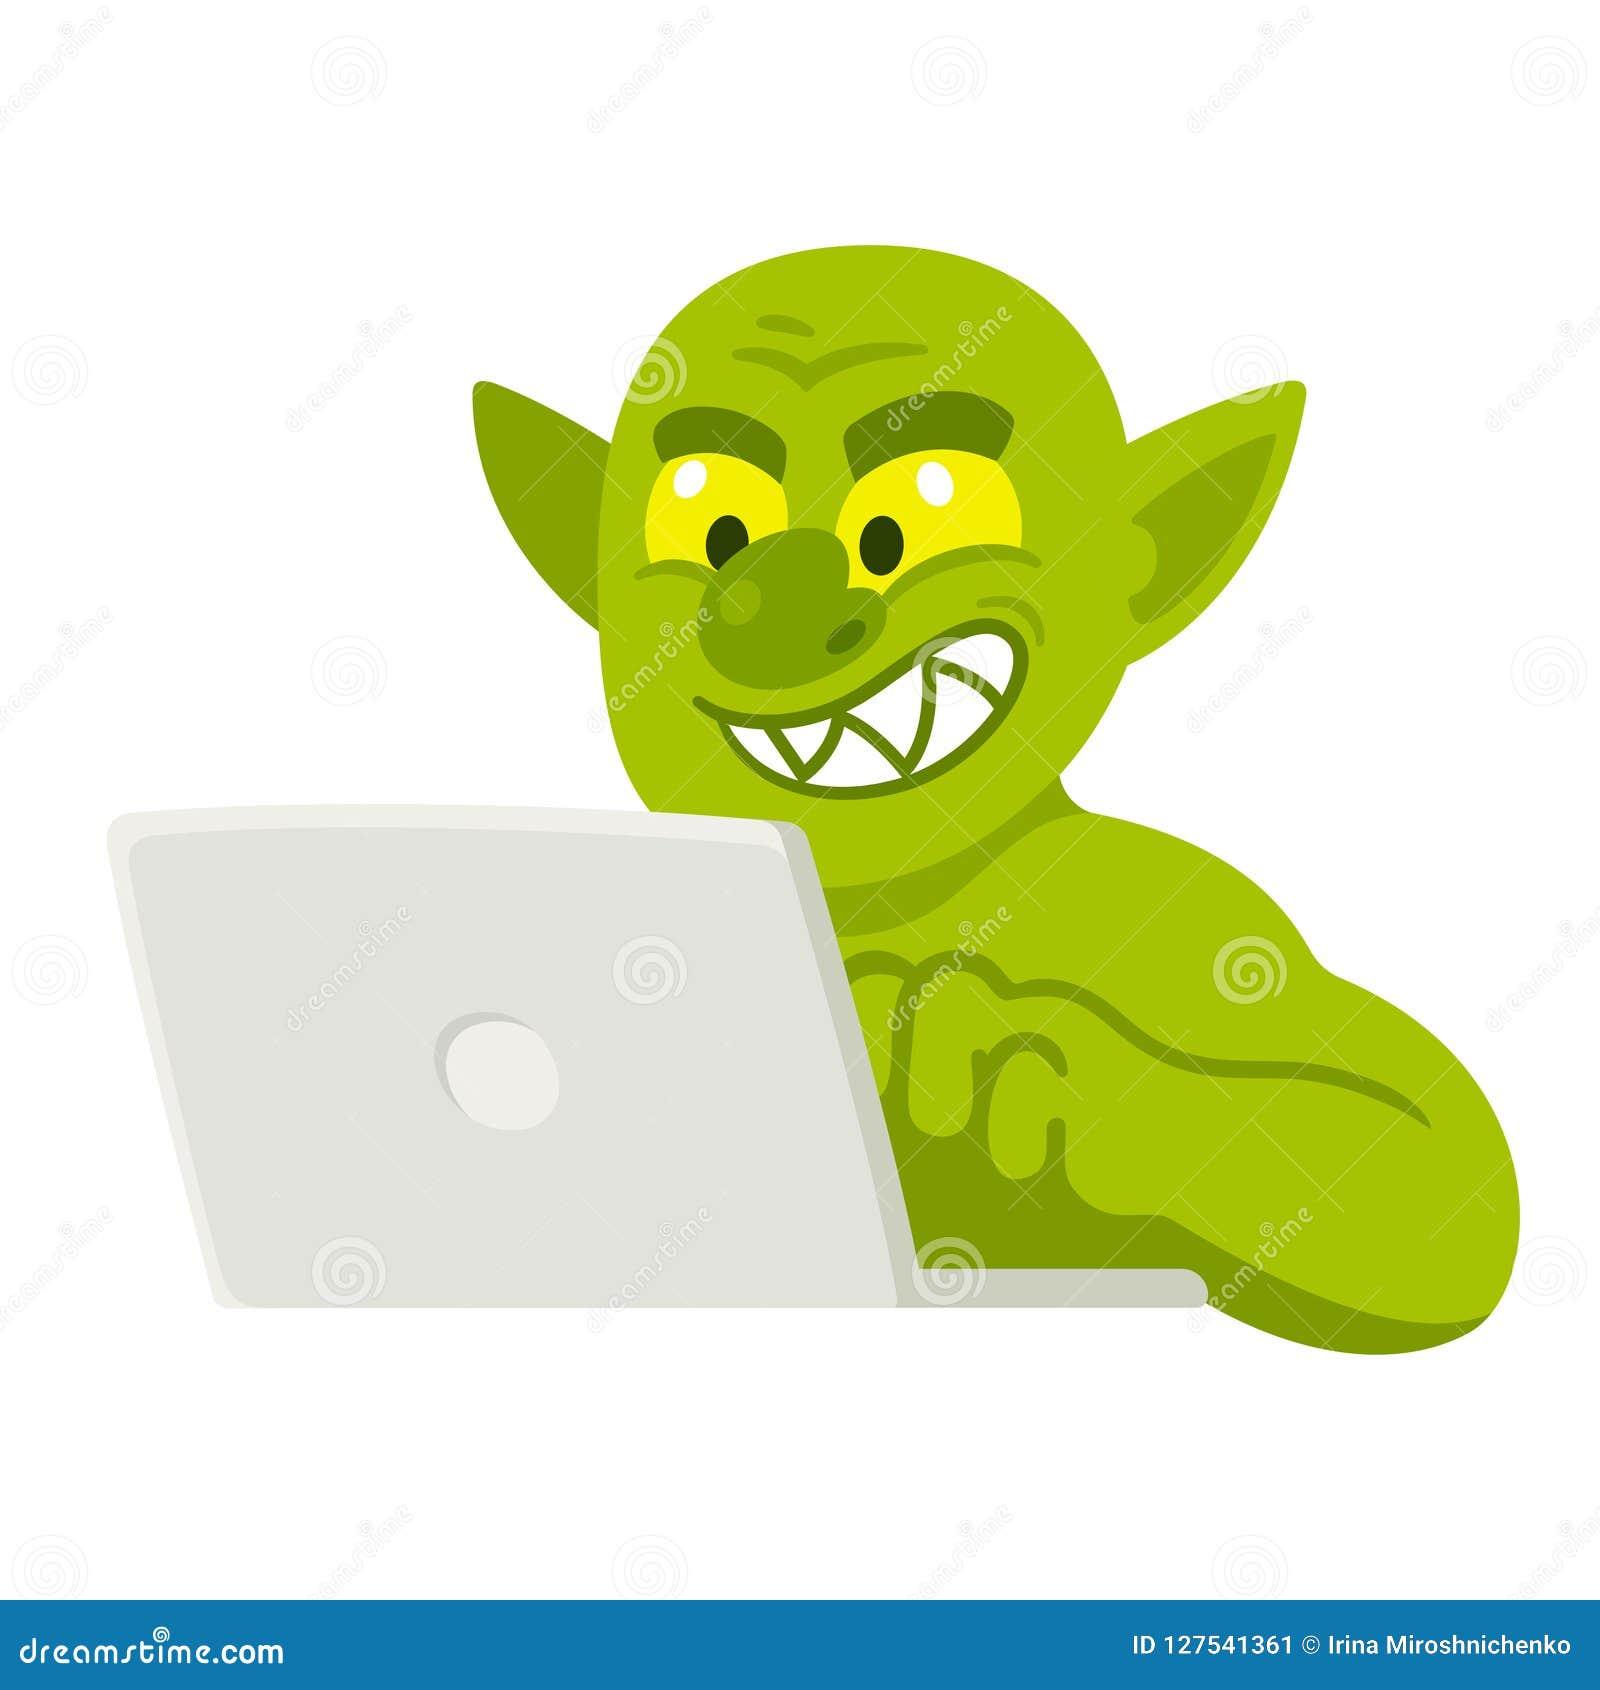 Cartoon internet troll stock vector. Illustration of ...